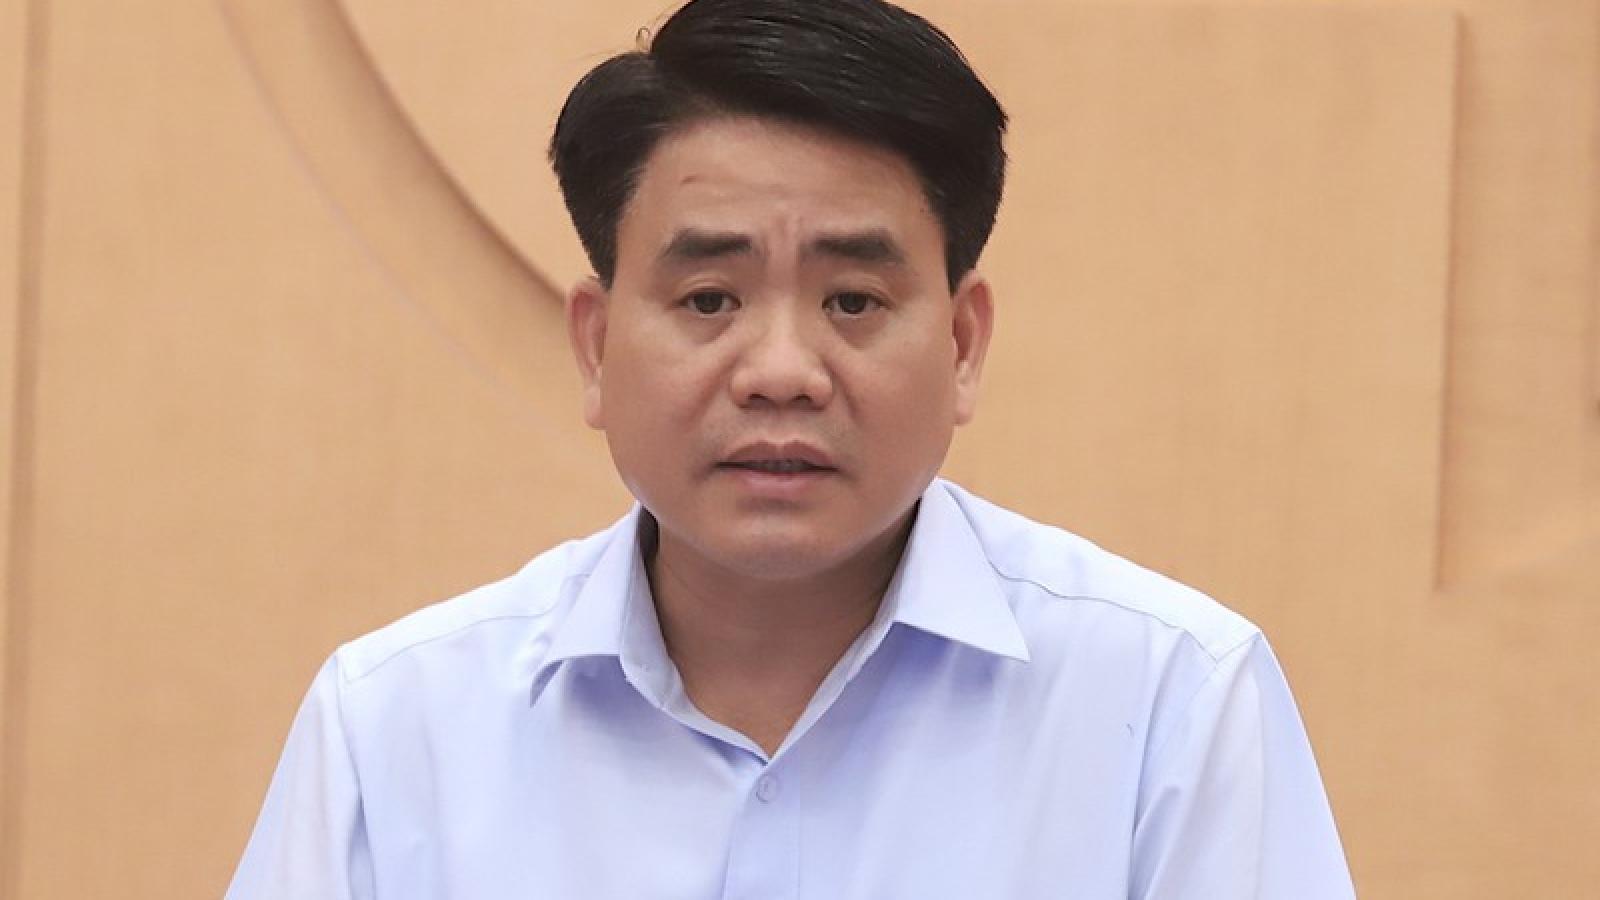 Thiếu tướng Tô Ân Xô: Sức khoẻ ông Nguyễn Đức Chung vẫn bình thường